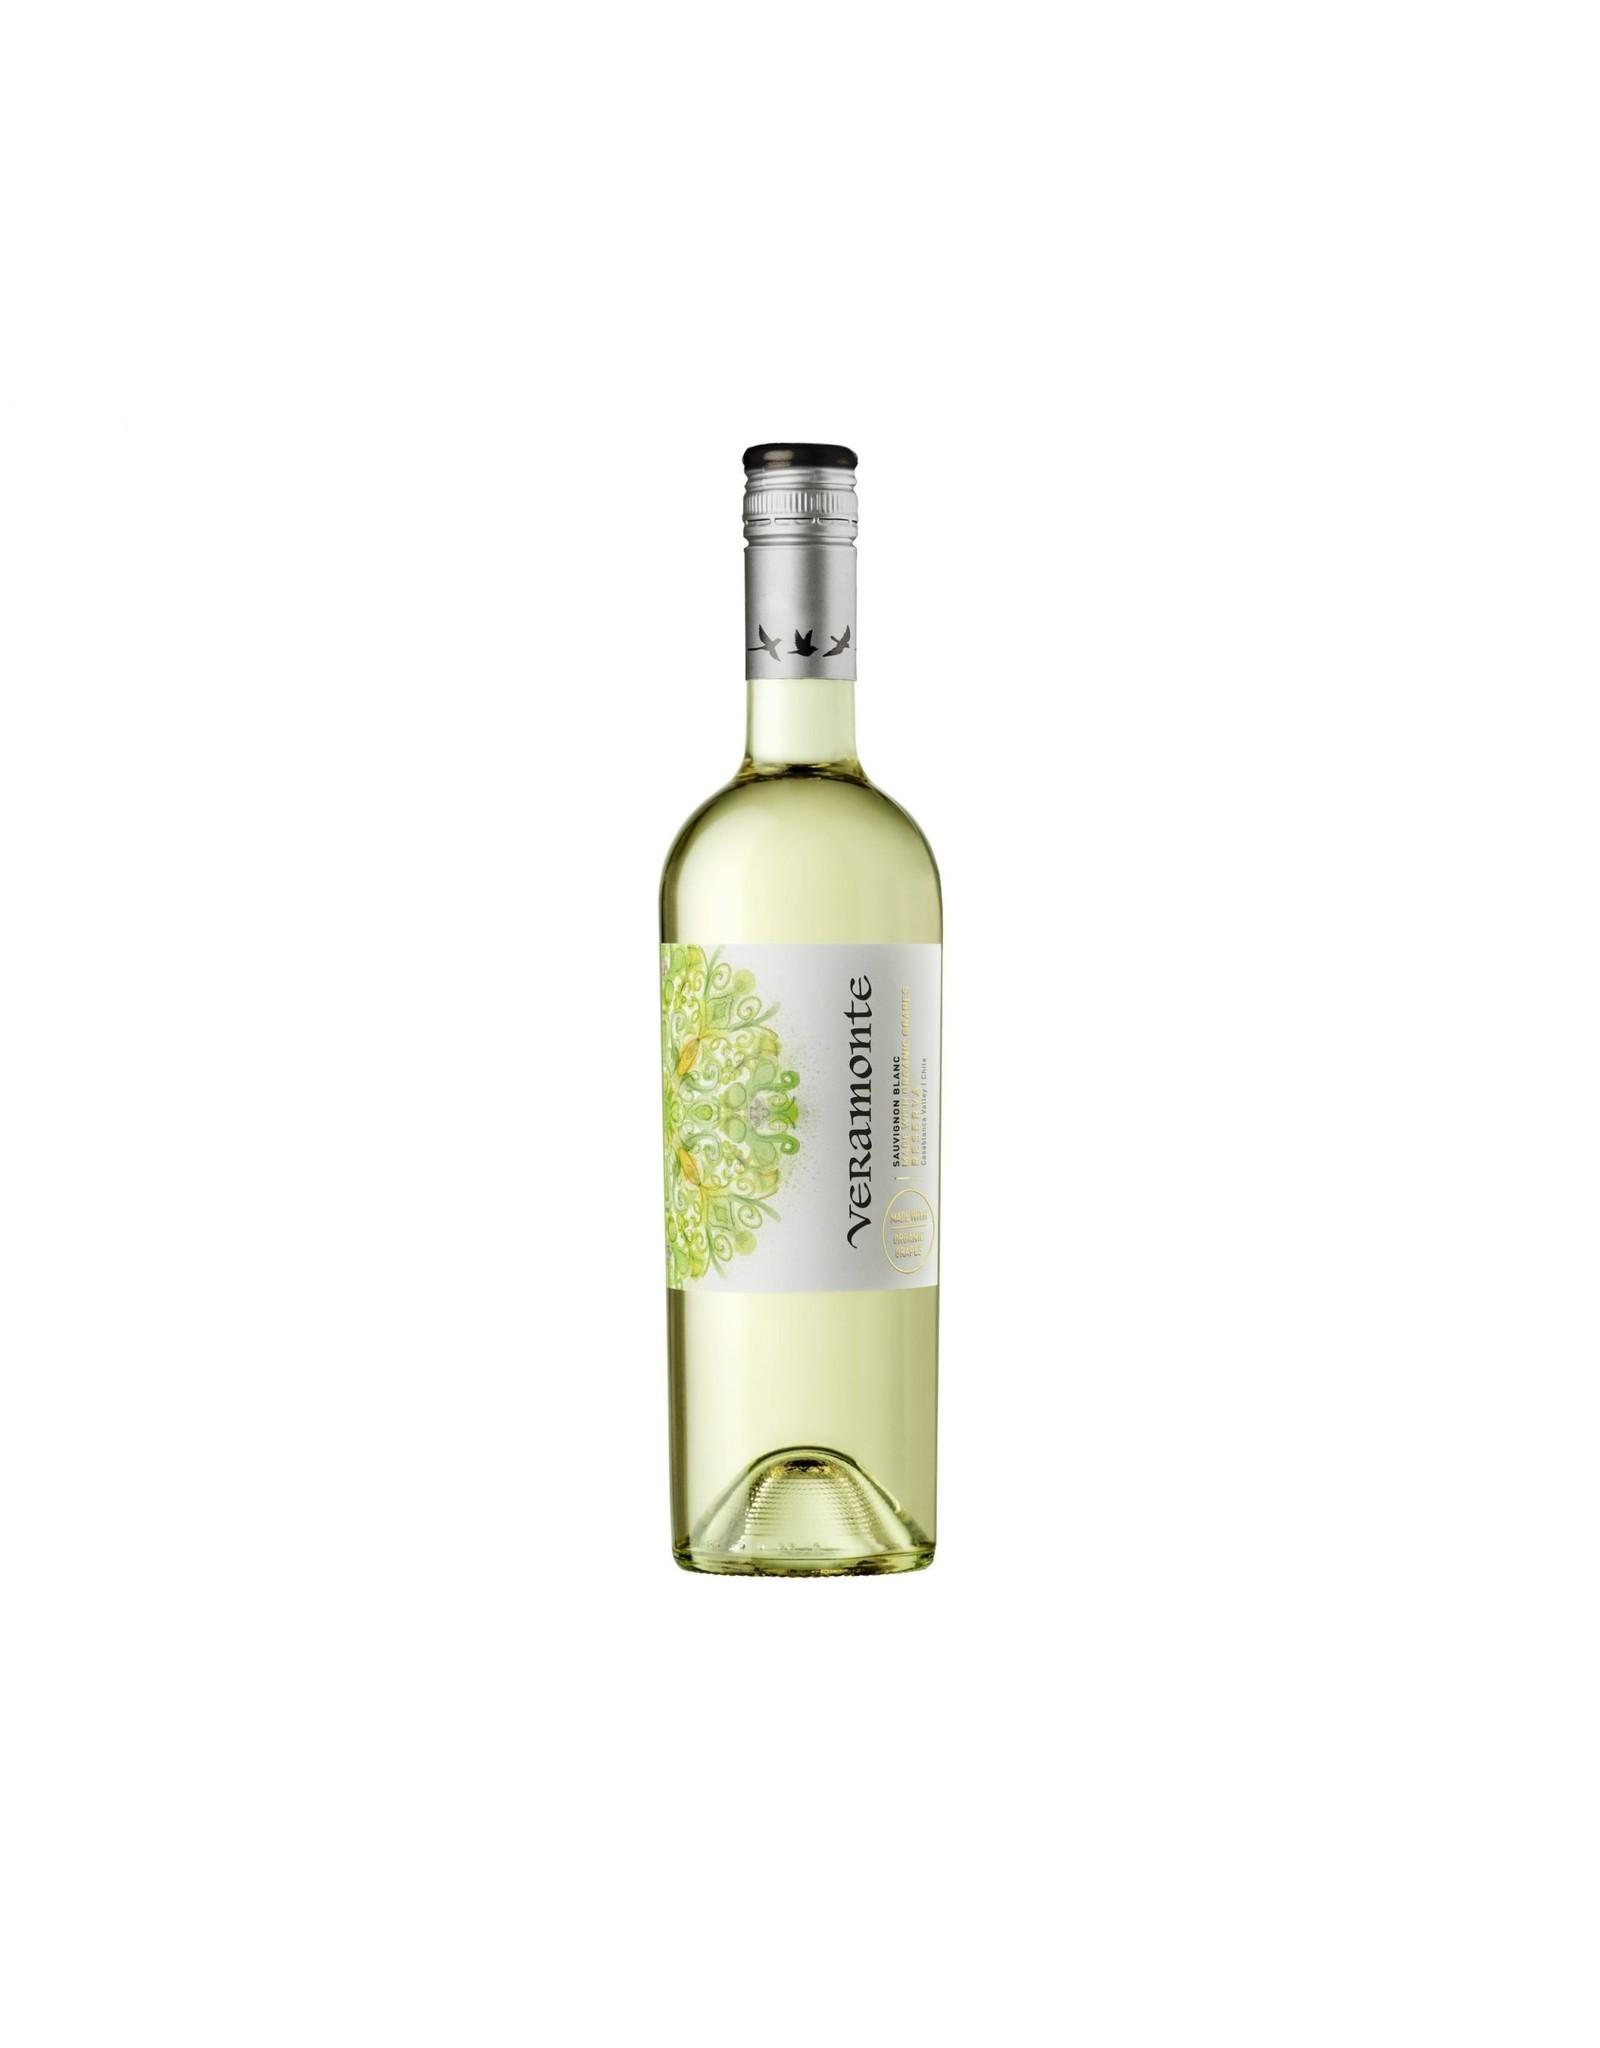 Chile Veramonte Sauvignon Blanc